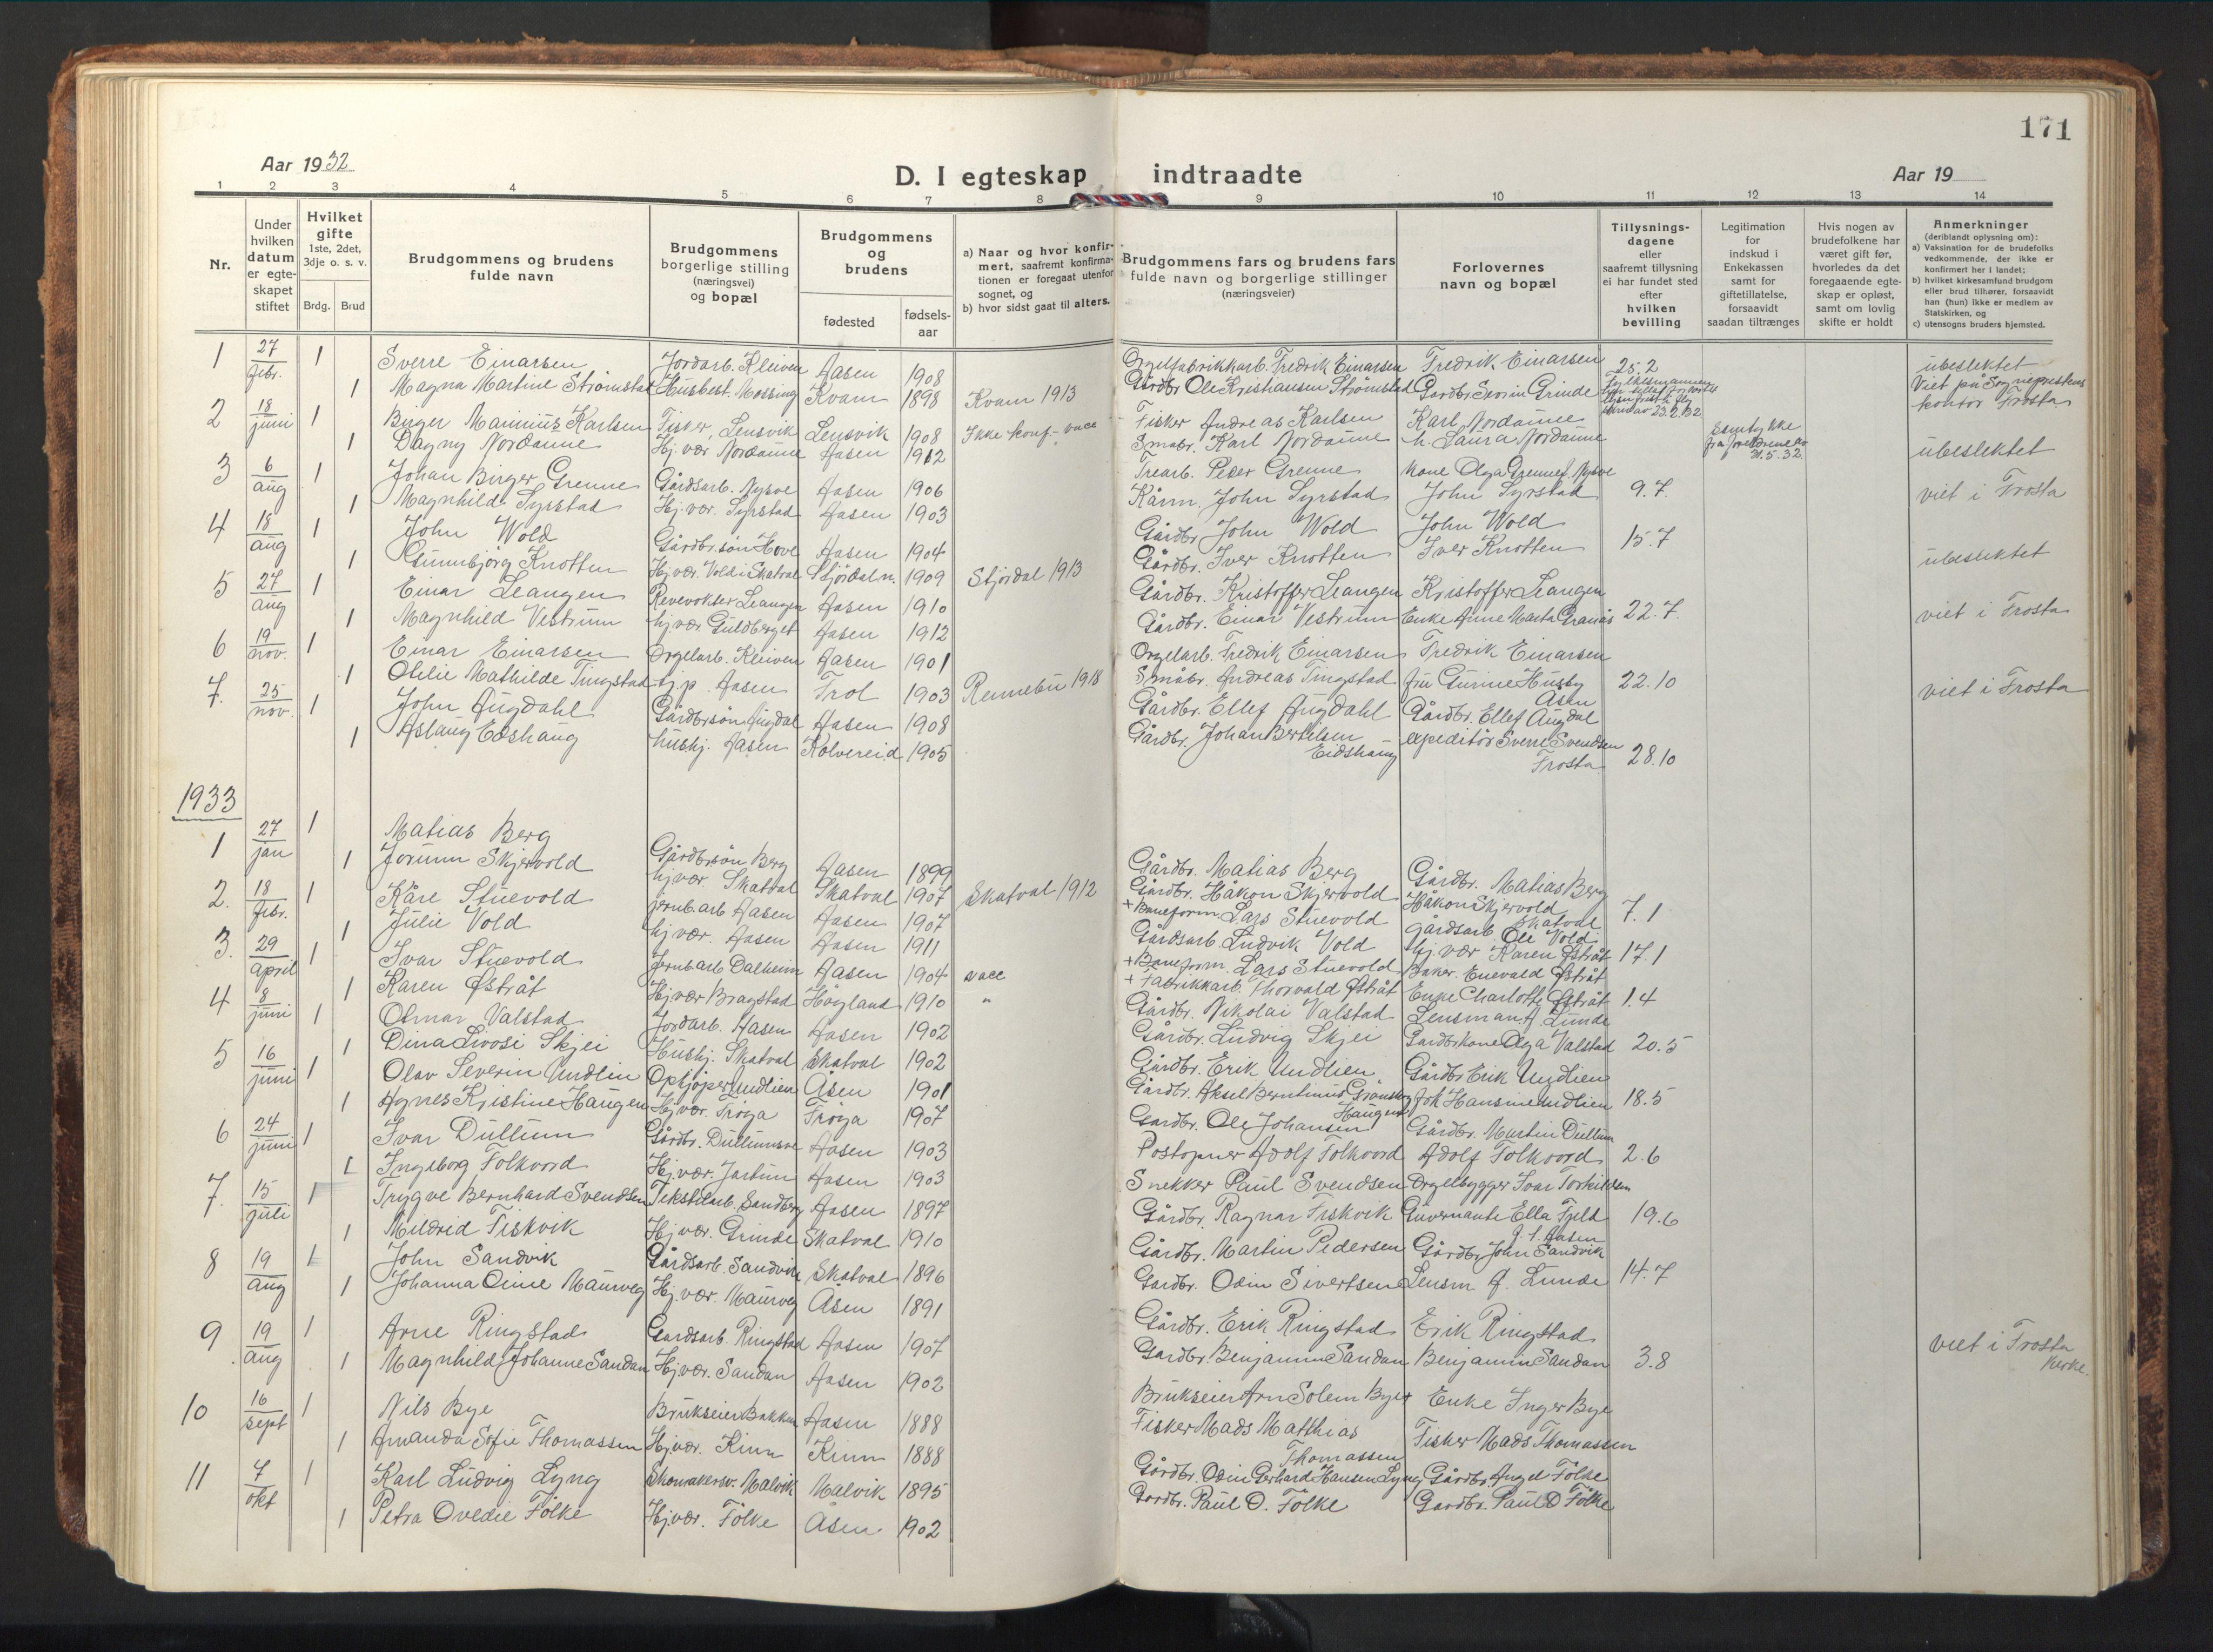 SAT, Ministerialprotokoller, klokkerbøker og fødselsregistre - Nord-Trøndelag, 714/L0136: Klokkerbok nr. 714C05, 1918-1957, s. 171